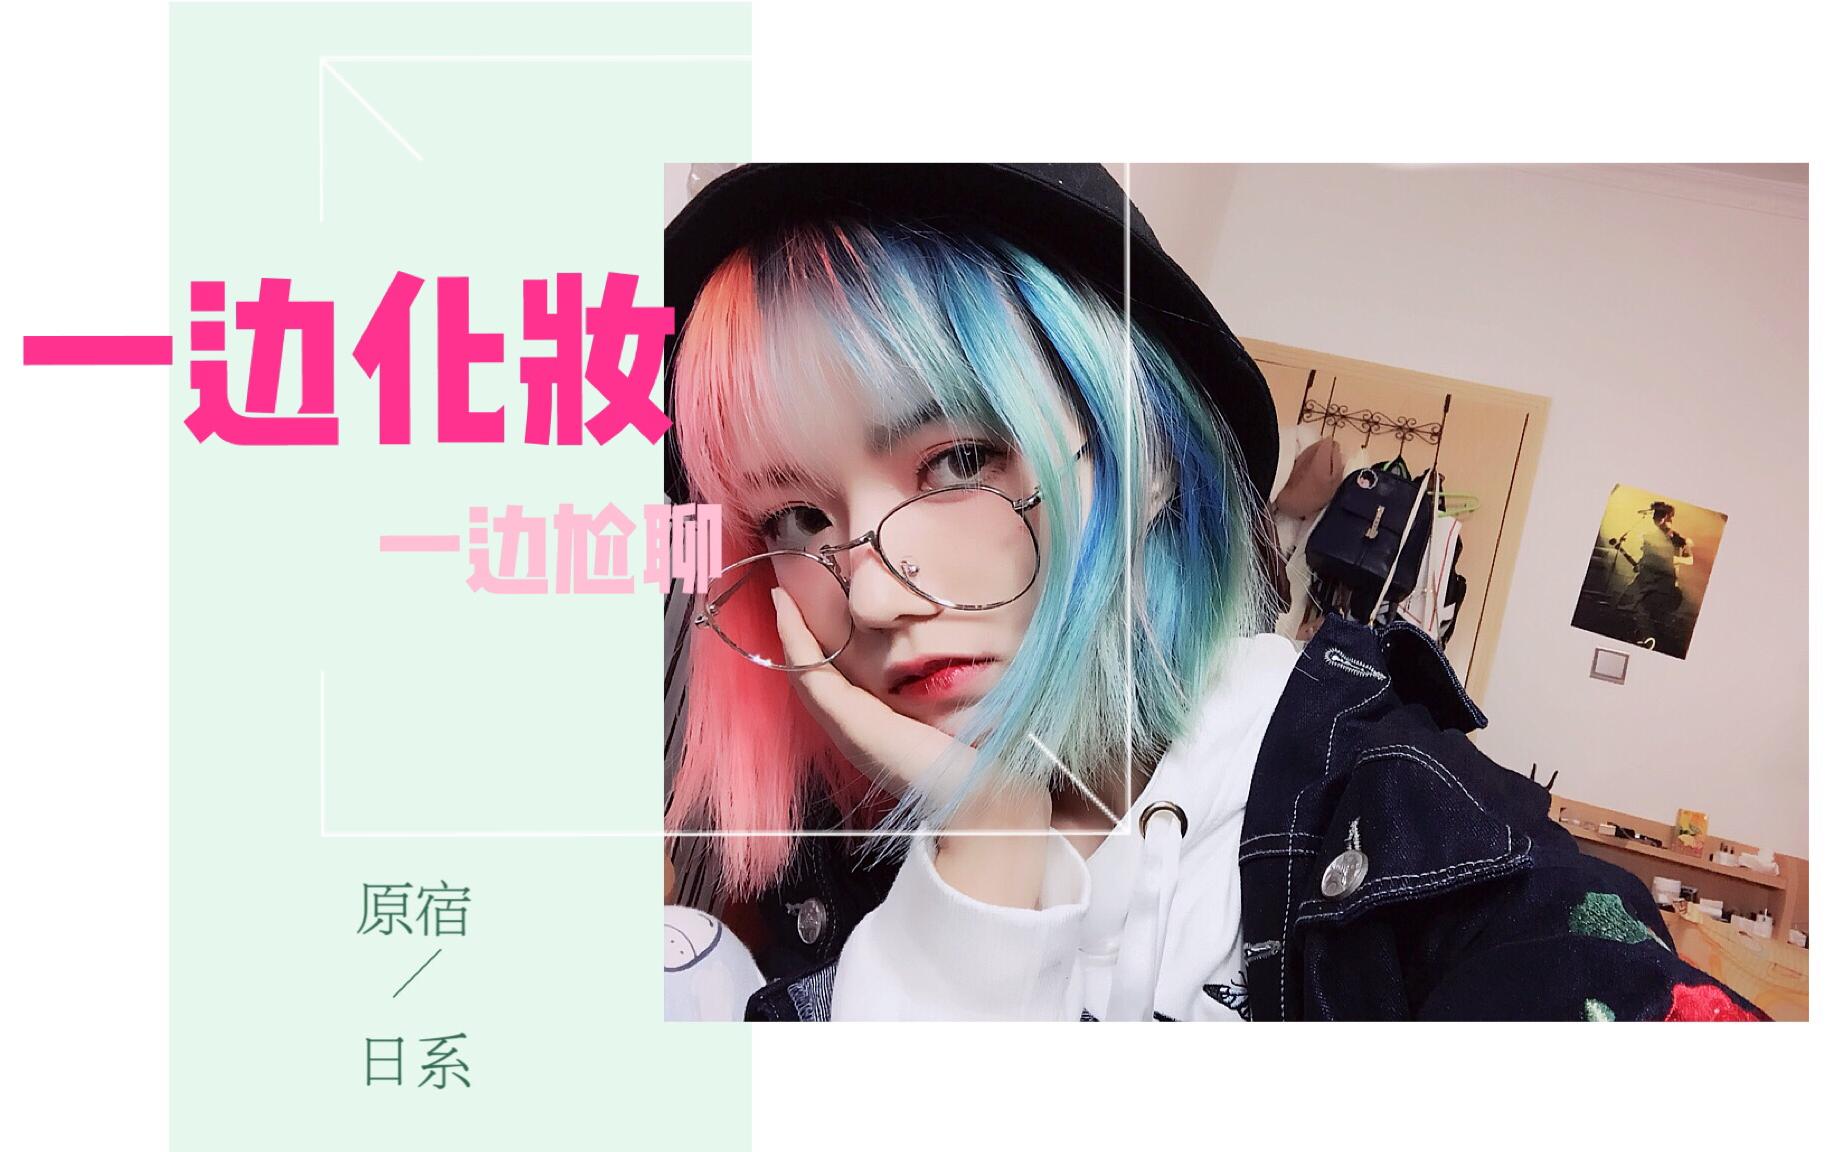 【党妹】搭配新发色的原宿妆+废话连篇的内心剖白